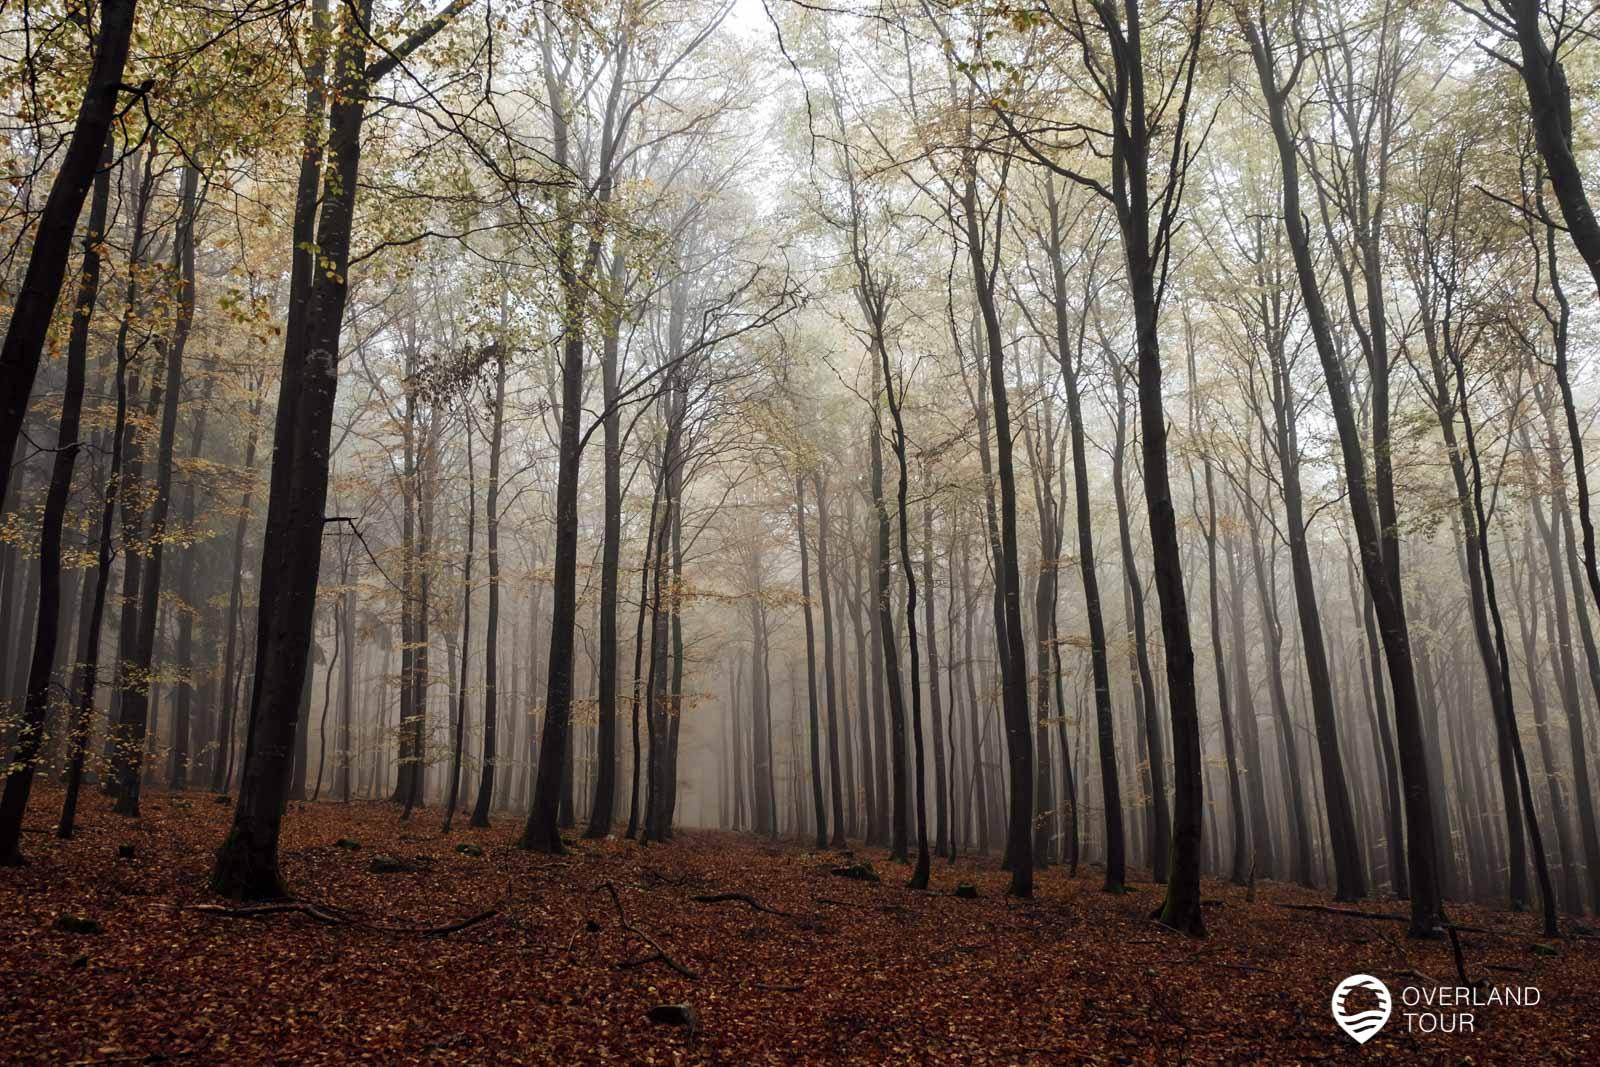 Mystisch ist der Nebel im Herbst! Wandern auf dem Saar-Hunsrück-Steig